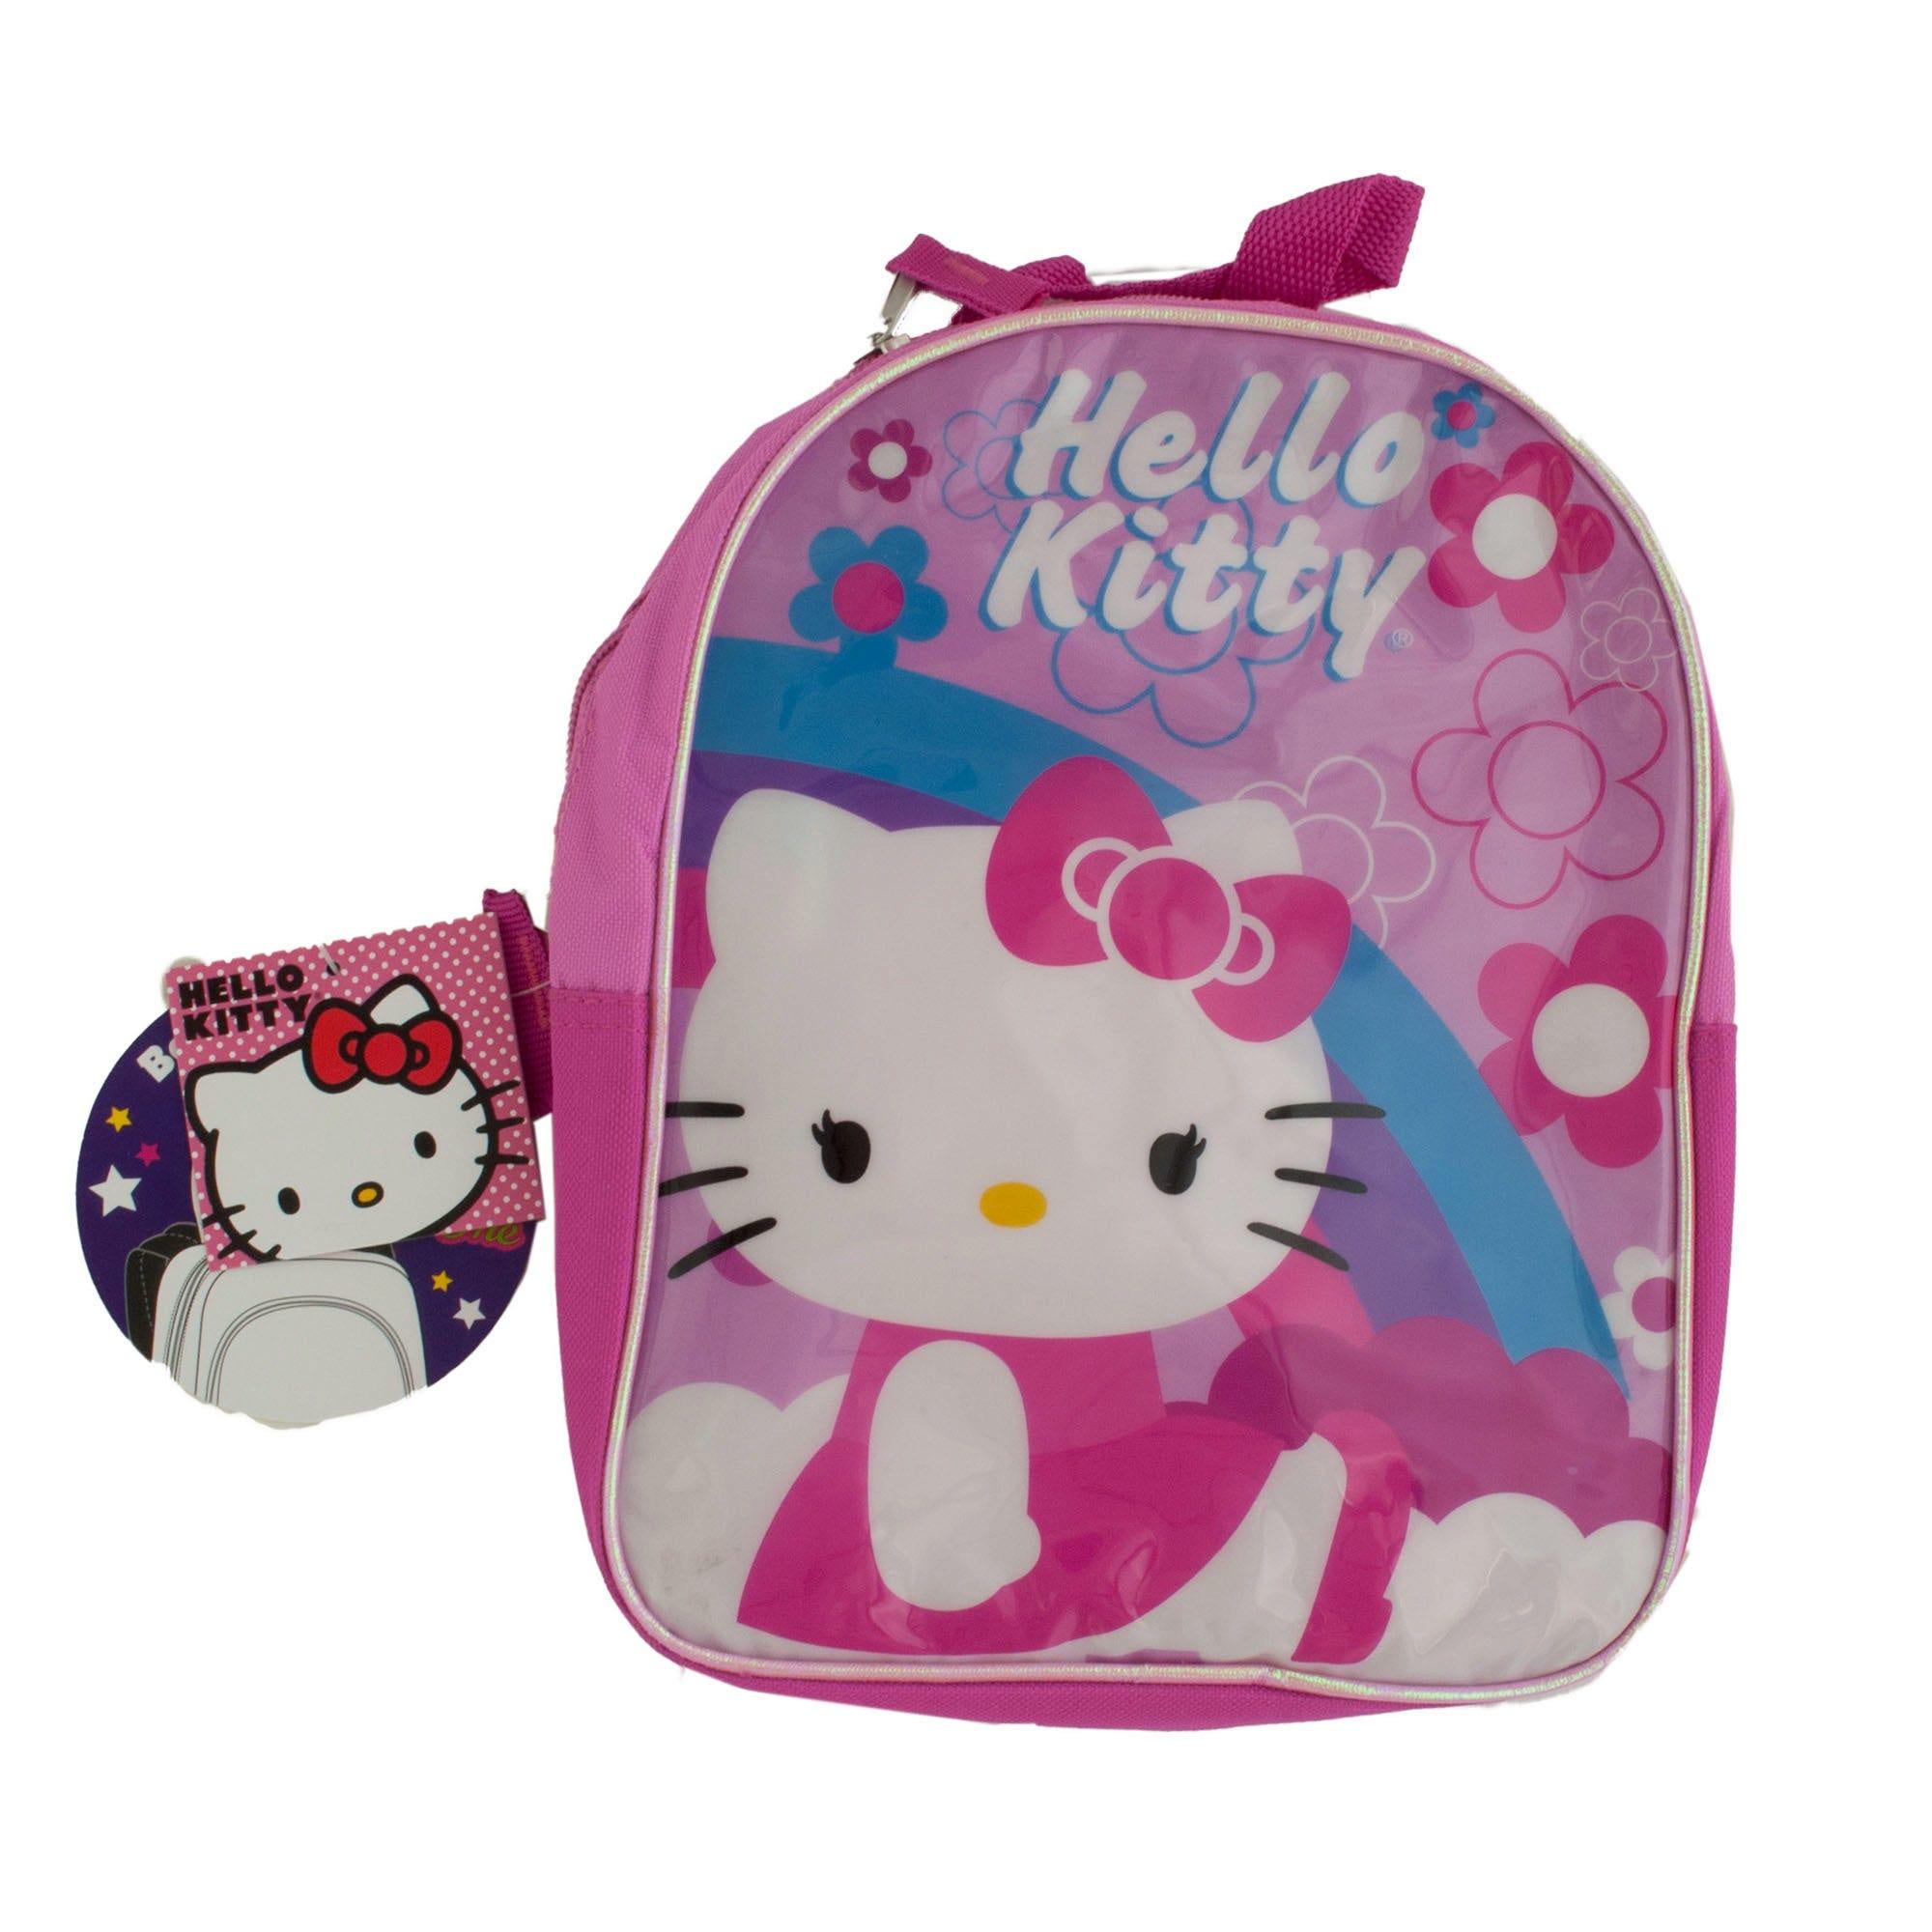 HELLO KITTY Mini Backpack- Qty 6